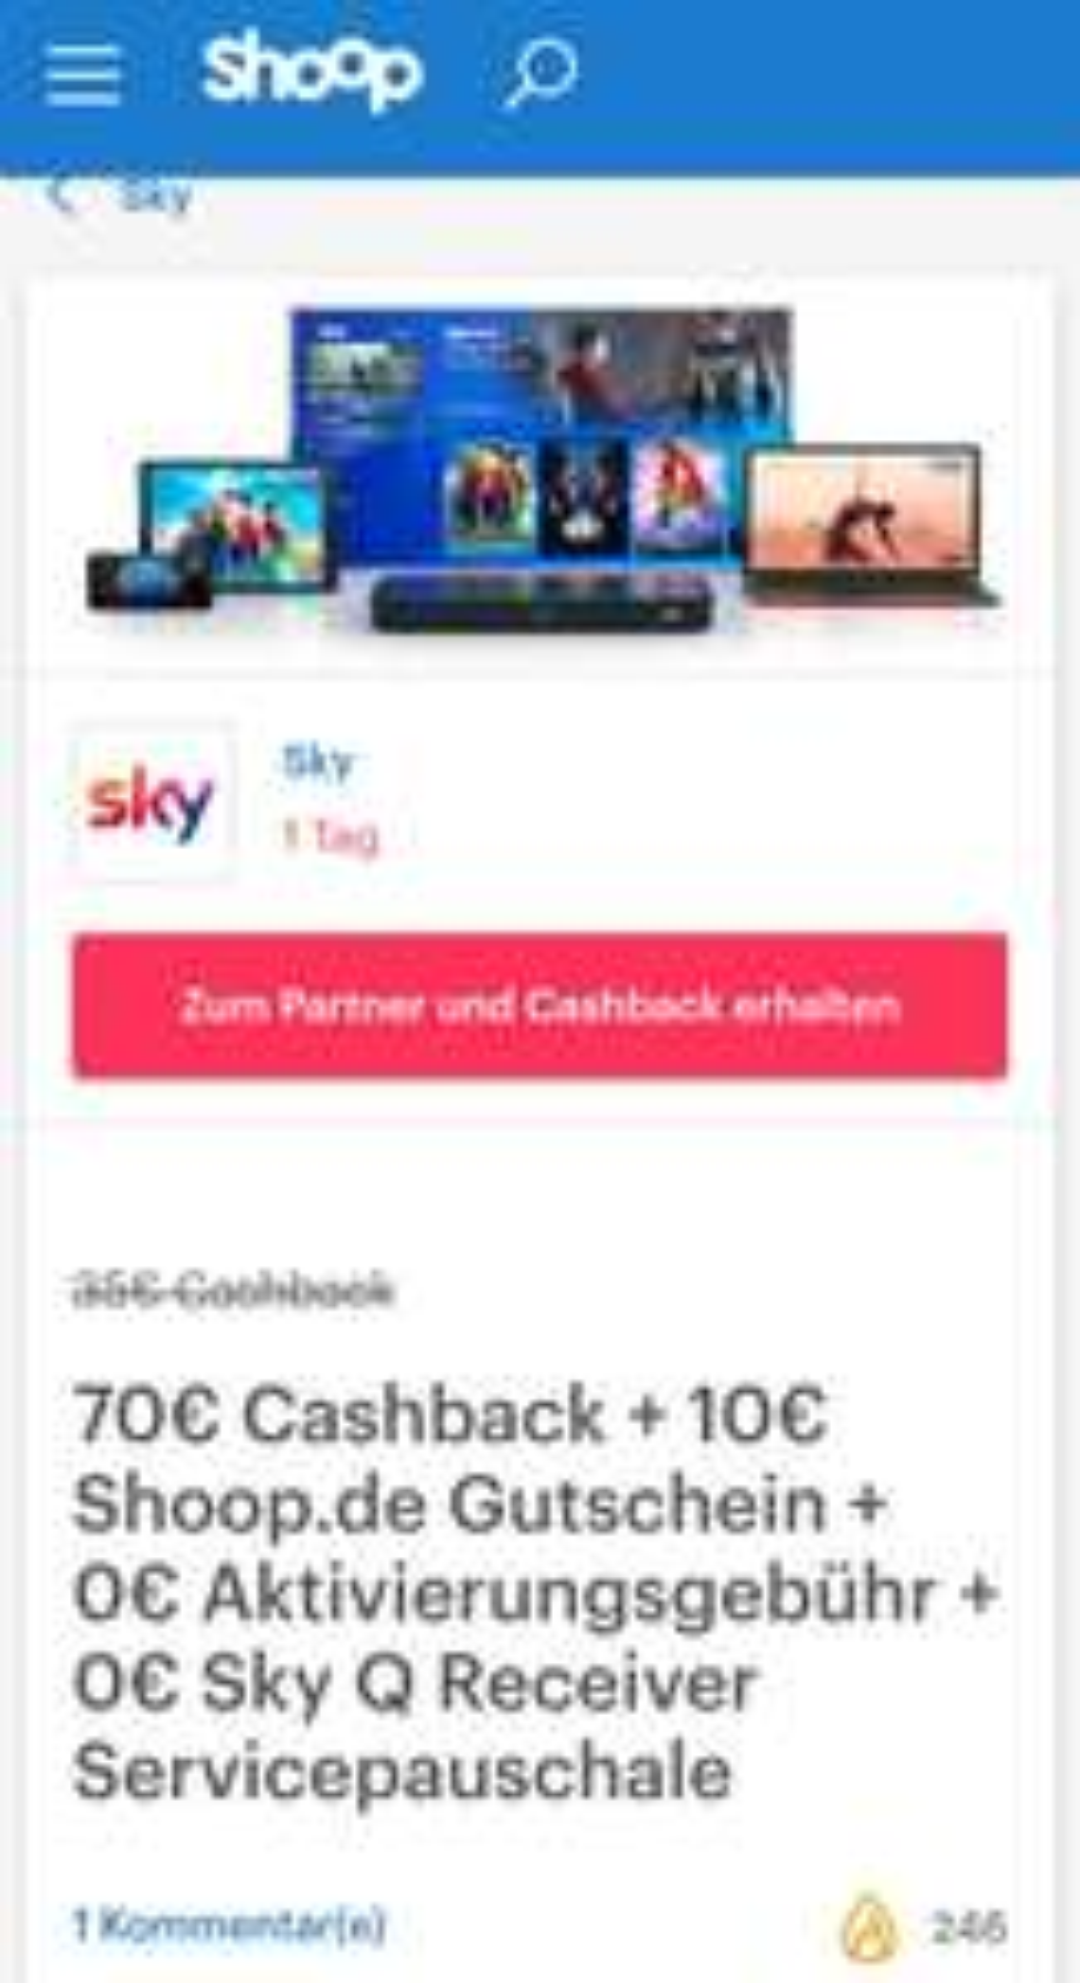 Shoop und Sky 70€ Cashback + 10€ Shoop.de Gutschein + 0€ Aktivierungsgebühr + 0€ Sky Q Receiver Servicepauschale